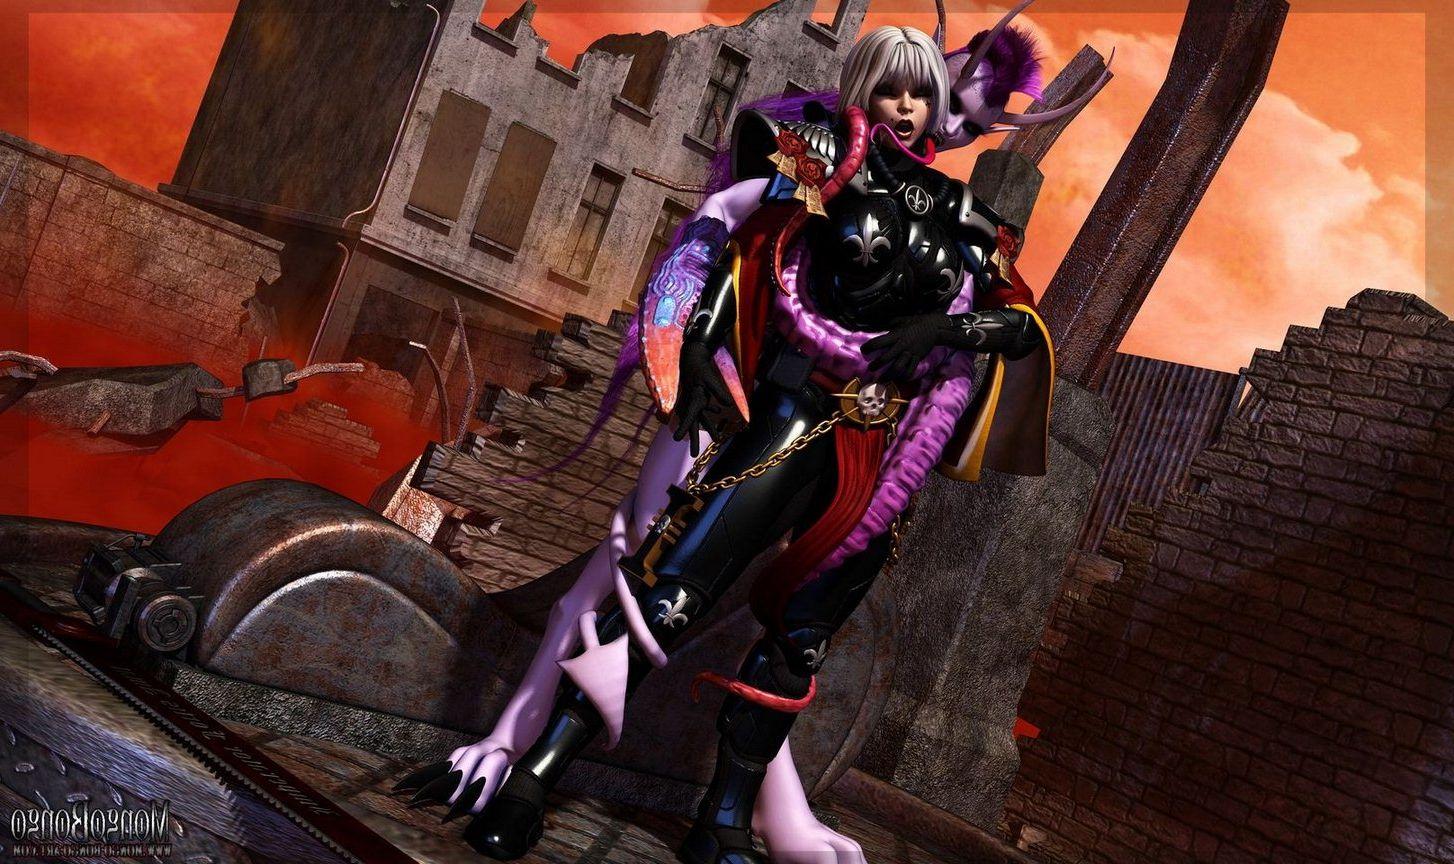 battle-sister-daemonette image_22372.jpg